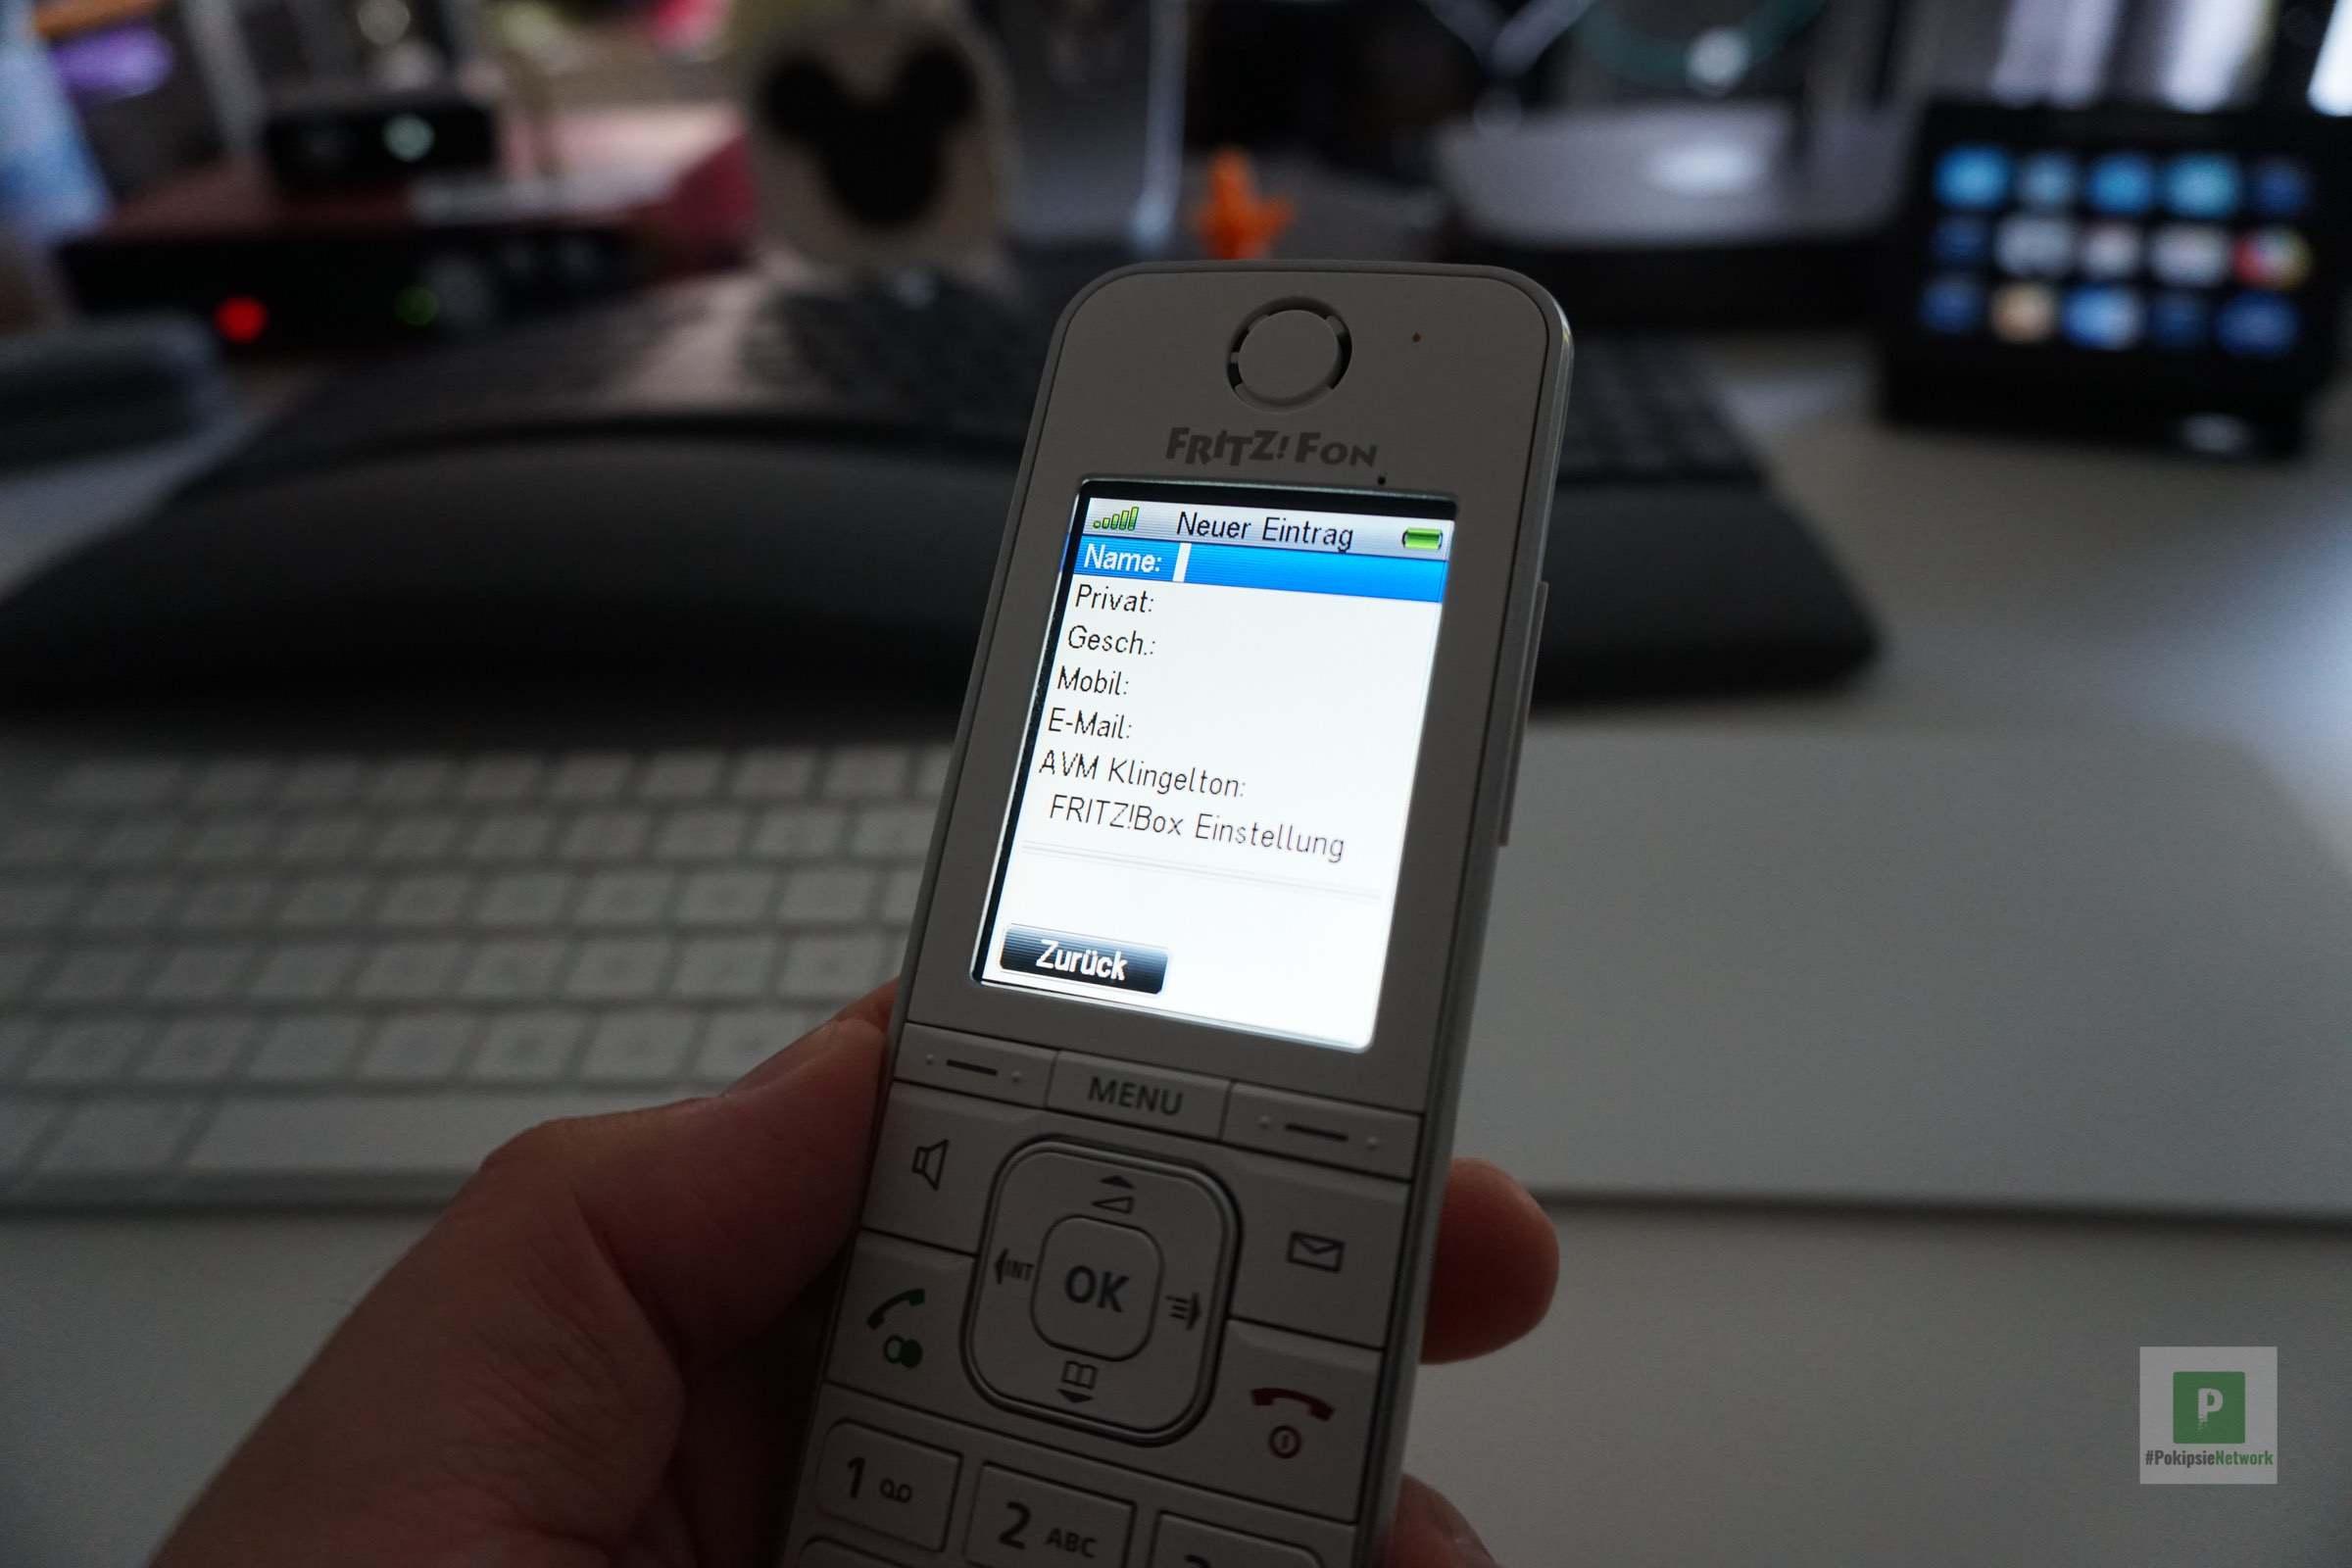 iPhone Kontakte mit FRITZ!Fon synchronisieren